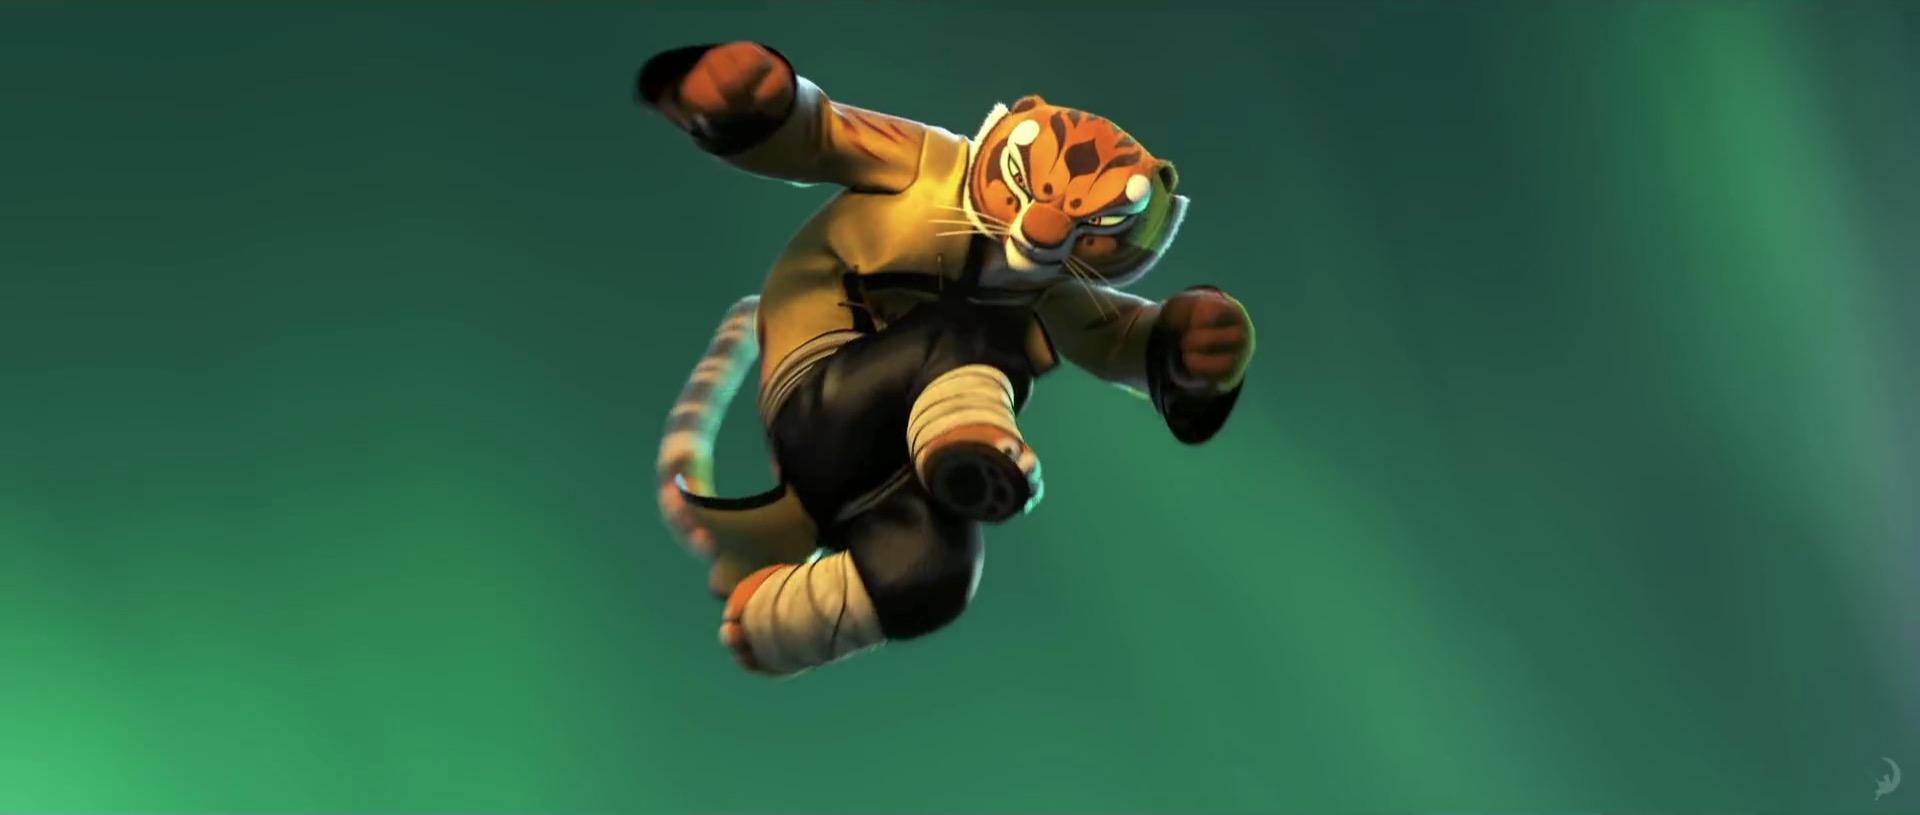 tigress from kung fu